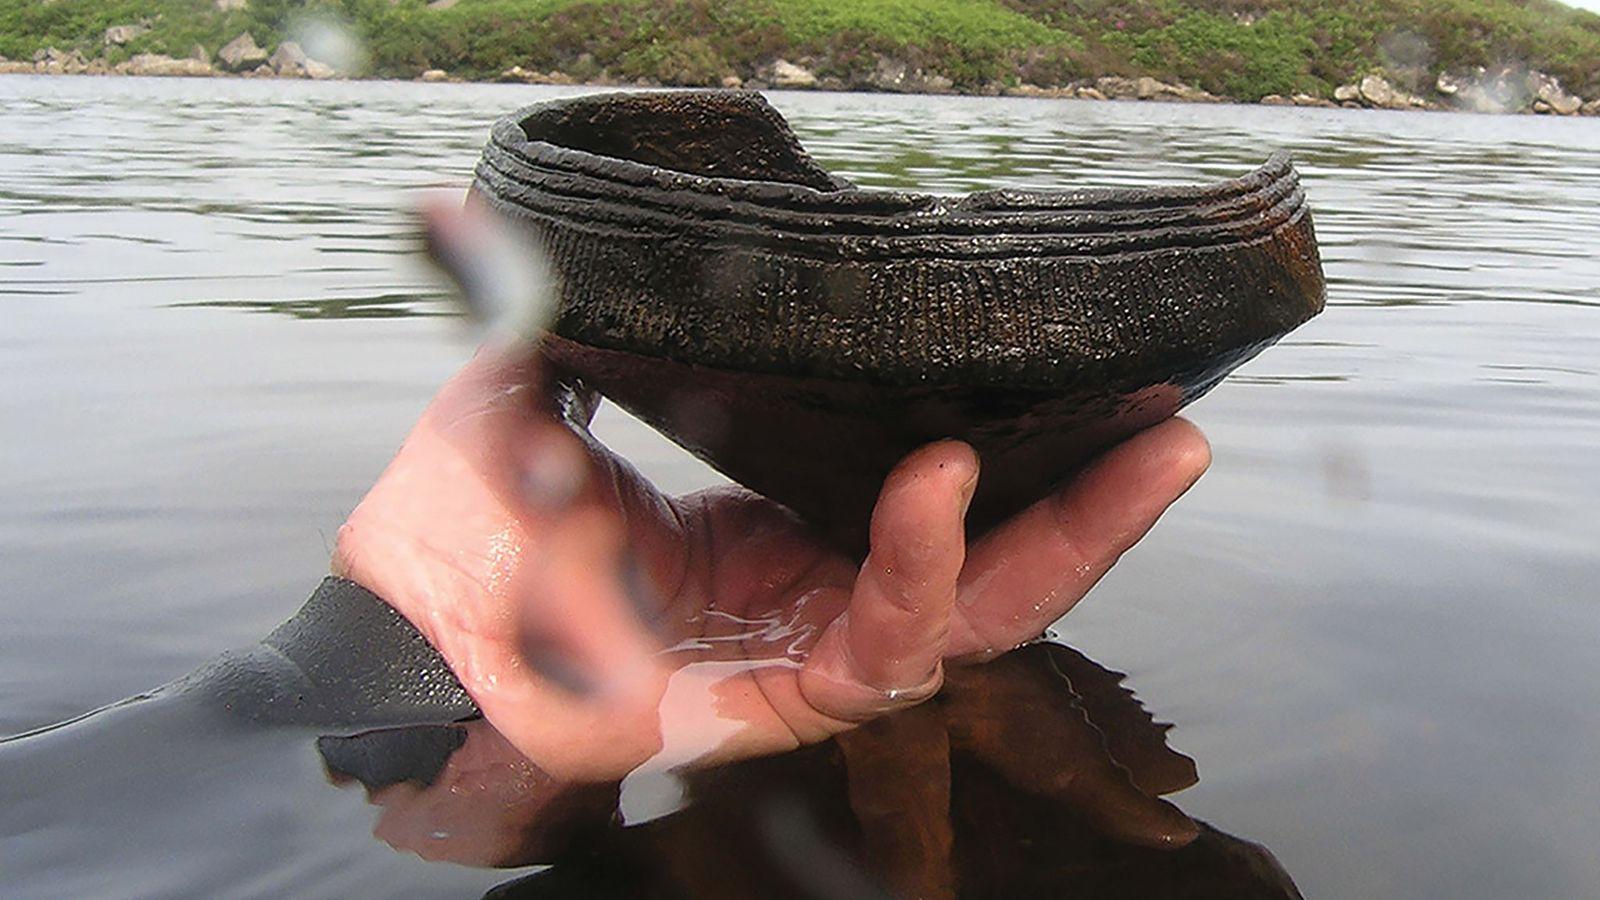 Ein Taucher hält ein neolithisches Keramikgefäß (ca. 3.500 v. Chr.) in der Hand, das er in ...